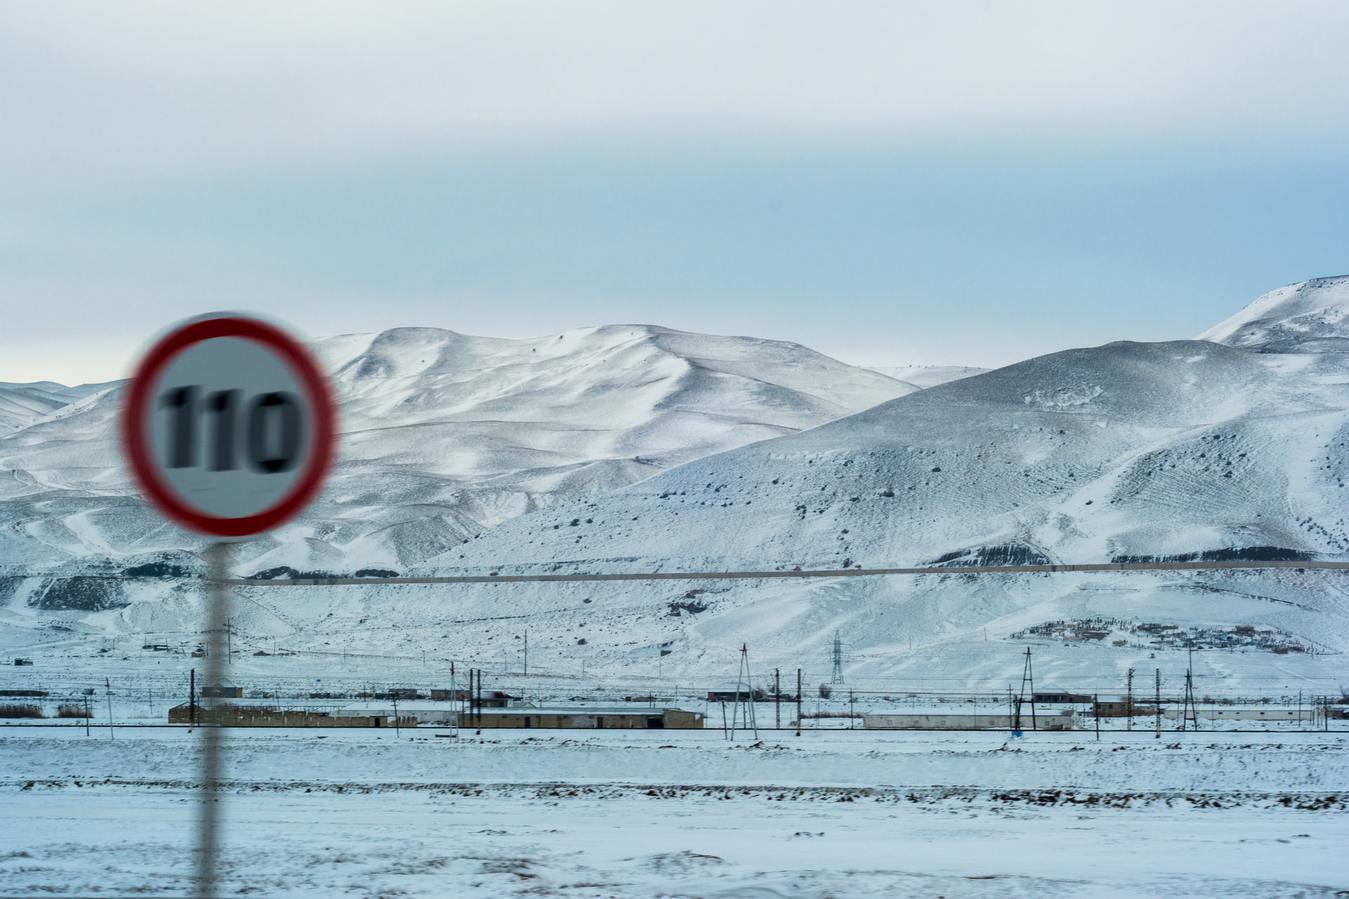 Paesaggio innevato con segnale di limite di velocità sfocato